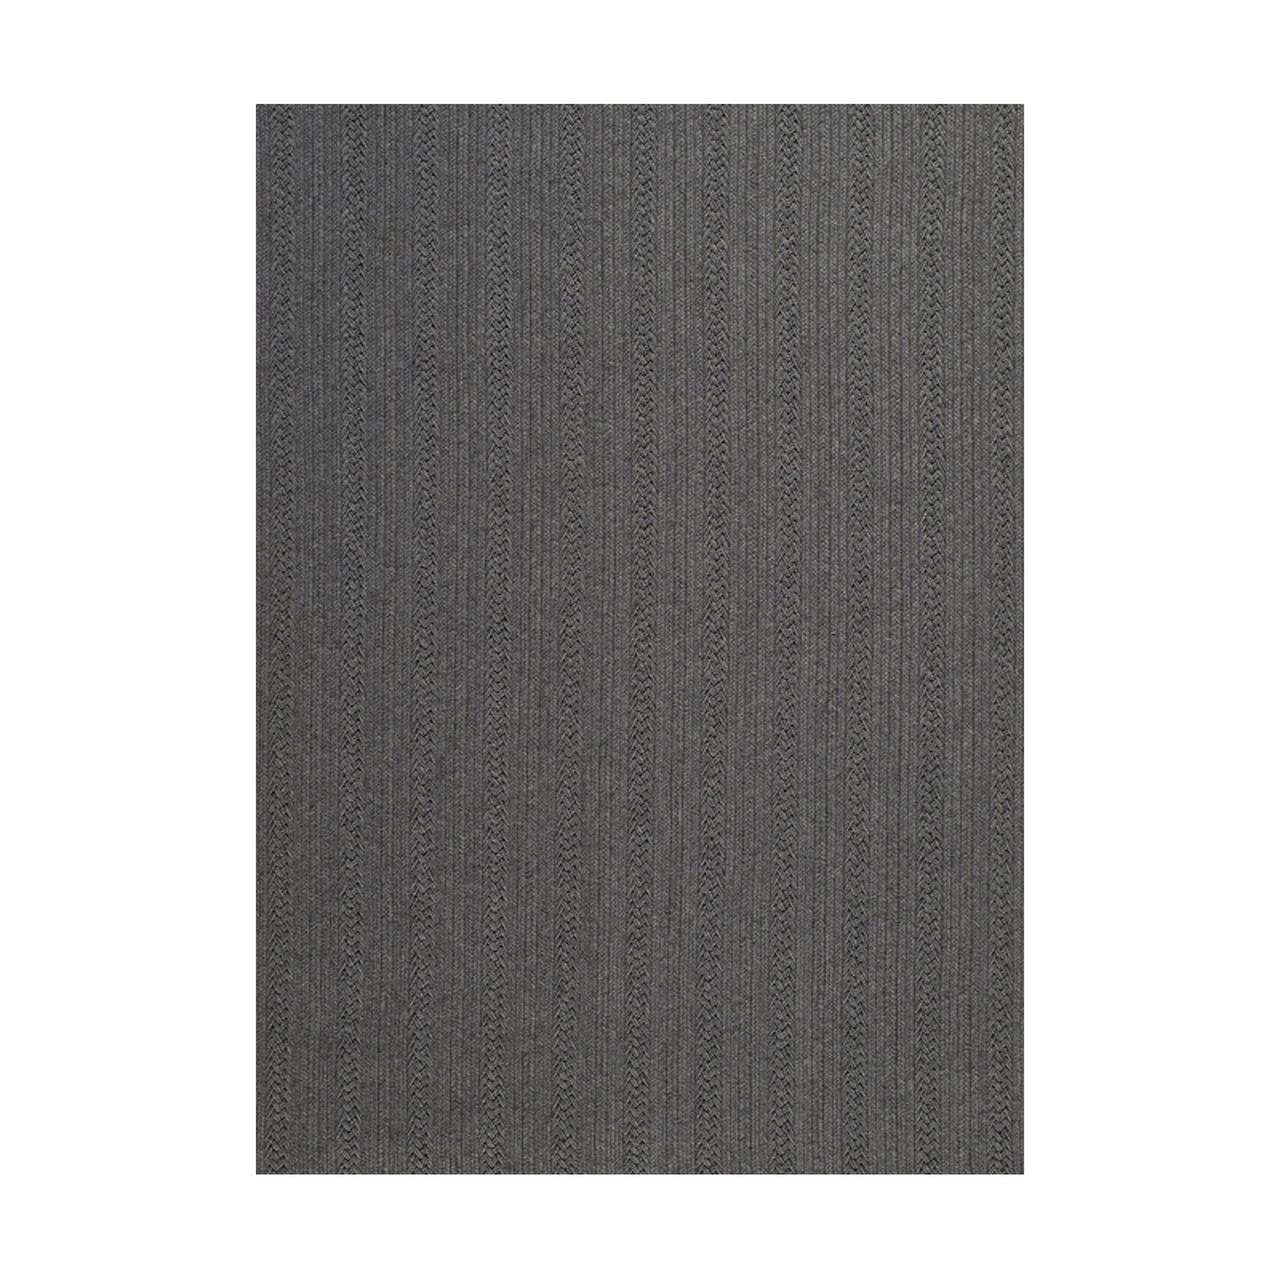 Toulemonde Bochart  Aussenteppich 'Torsade' Anthrazit, 200 x 300 cm